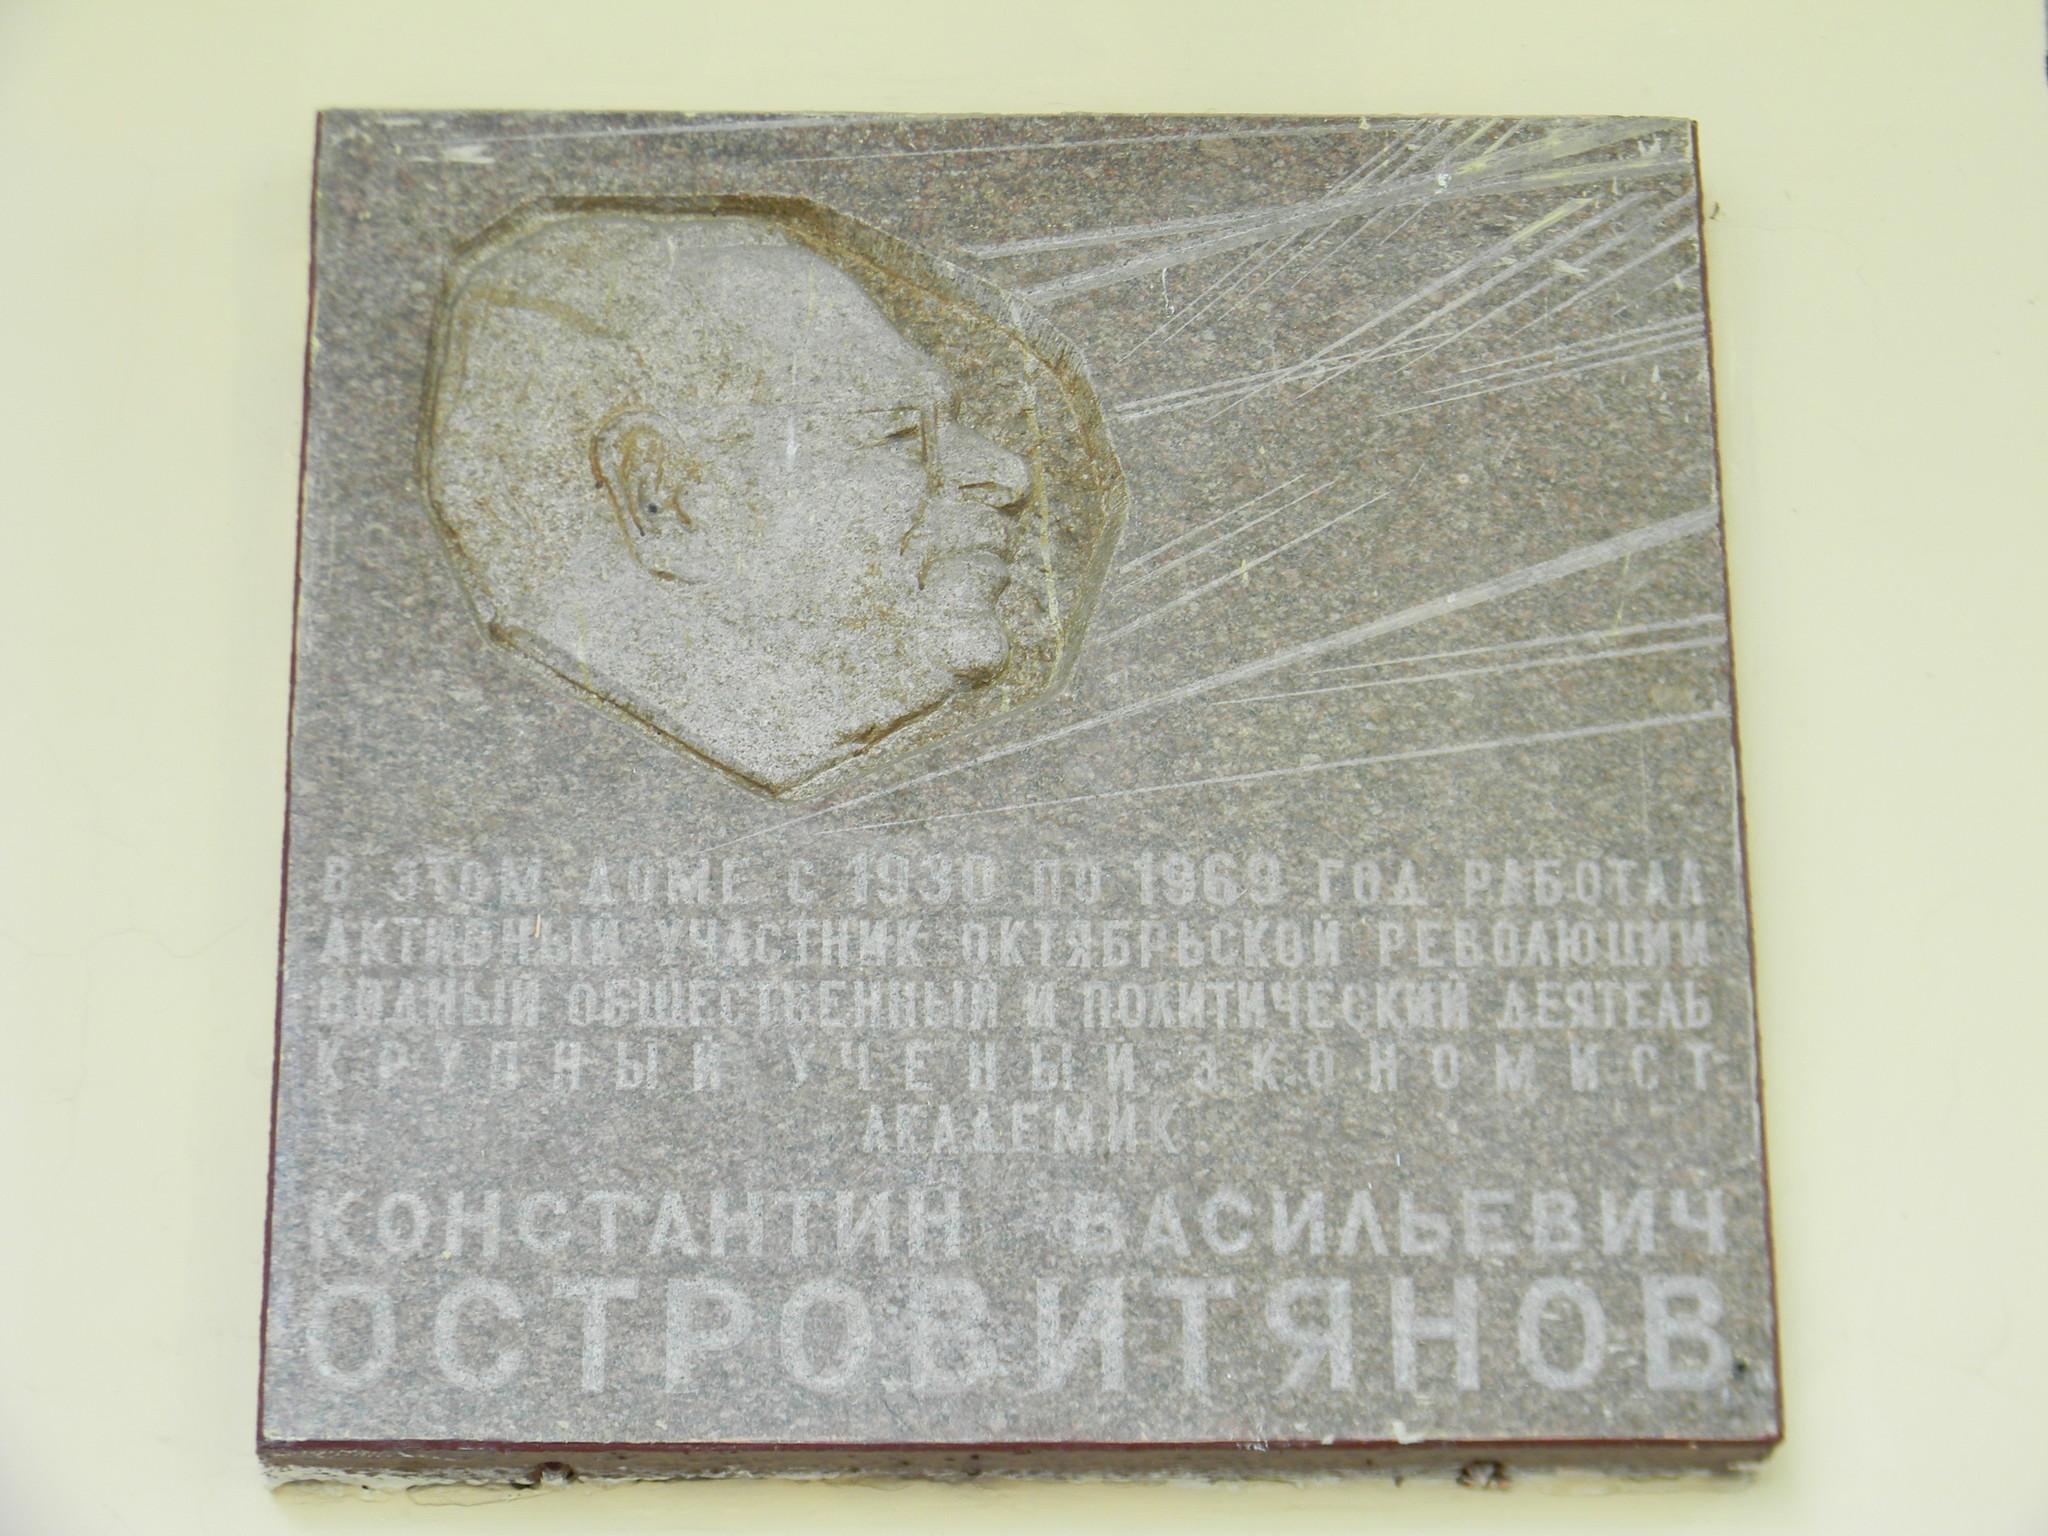 Мемориальная доска на здании института (улица Волхонка, дом 14), в котором с 1930 по 1969 год работал Константин Васильевич Островитянов